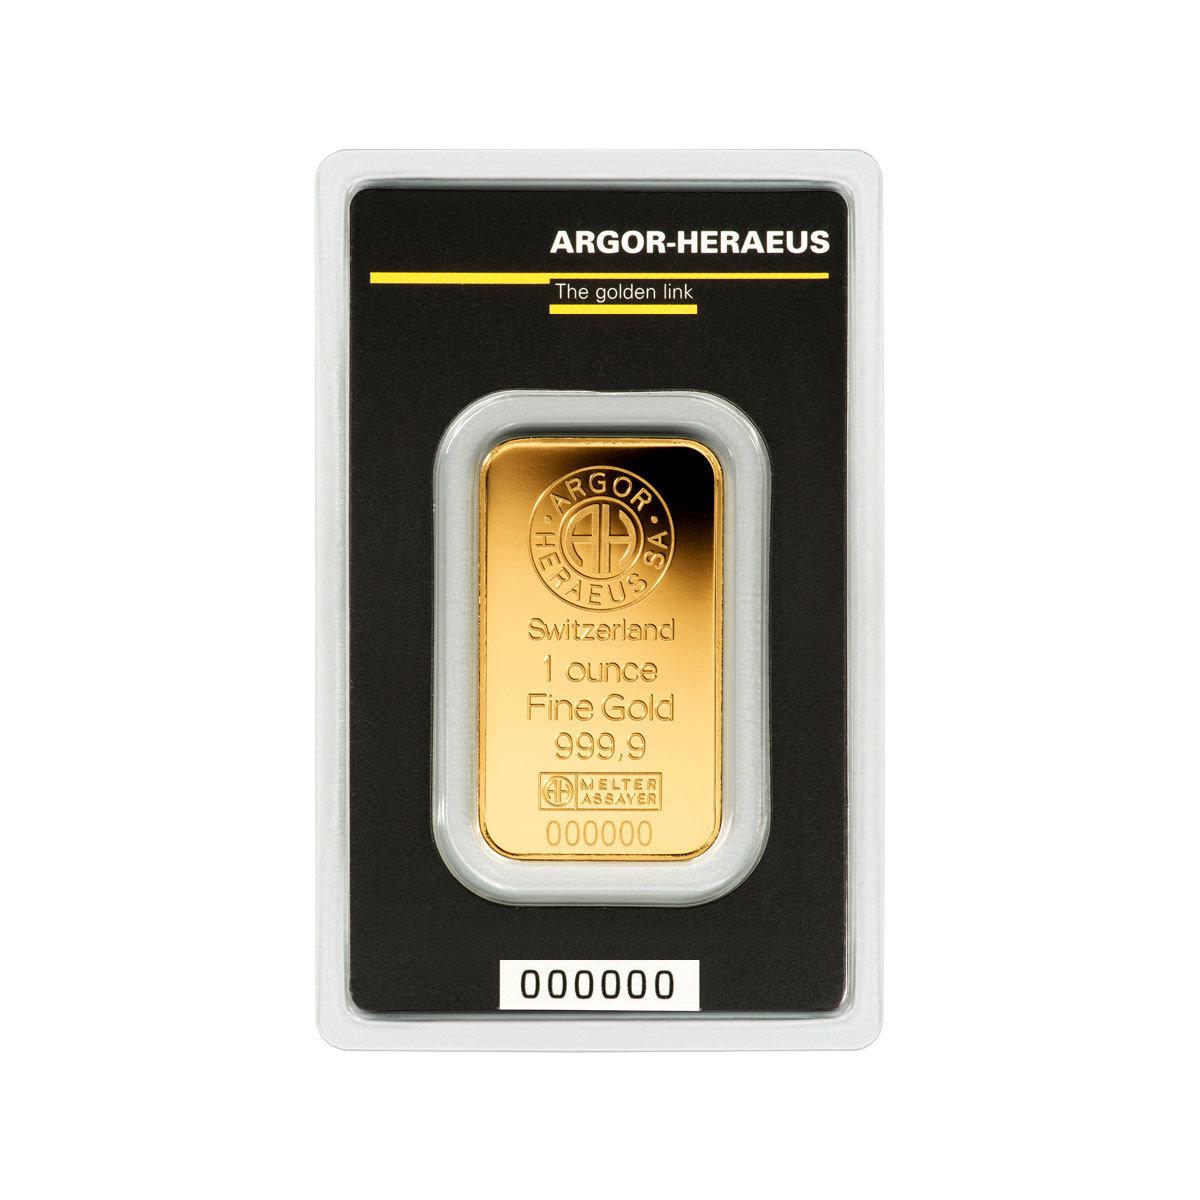 Lingotto di oro 999.99 1 oncia che sono grammi 31.10 F3